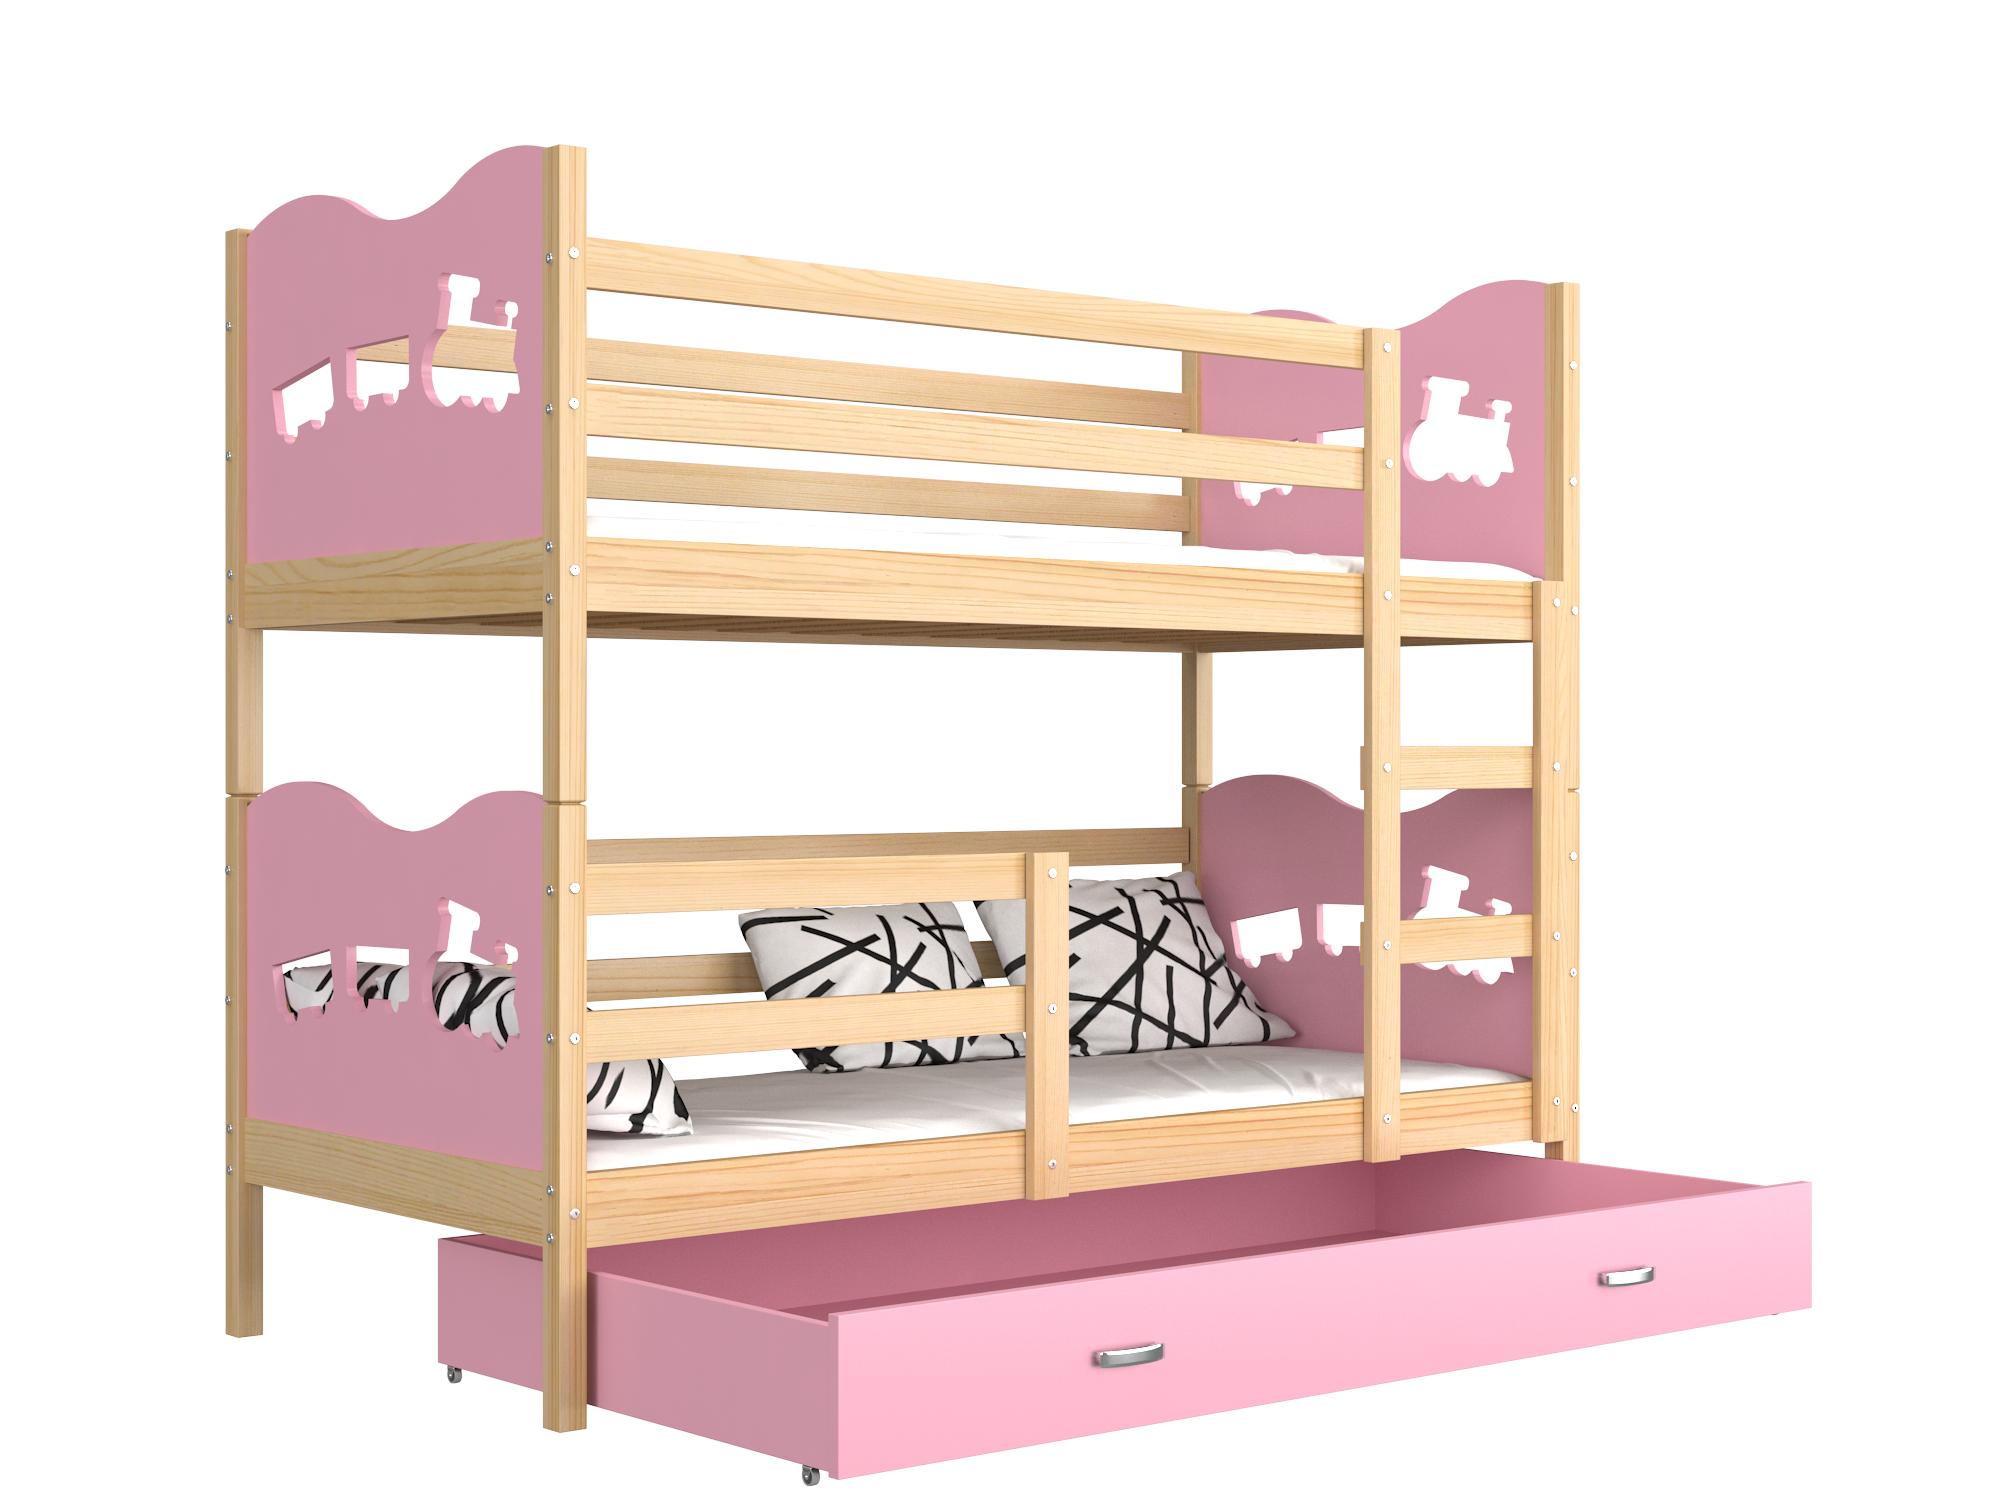 ArtAJ Detská poschodová posteľ MAX drevo / MDF 190 x 80 cm Farba: Borovica / ružová 190 x 80 cm, s matracom